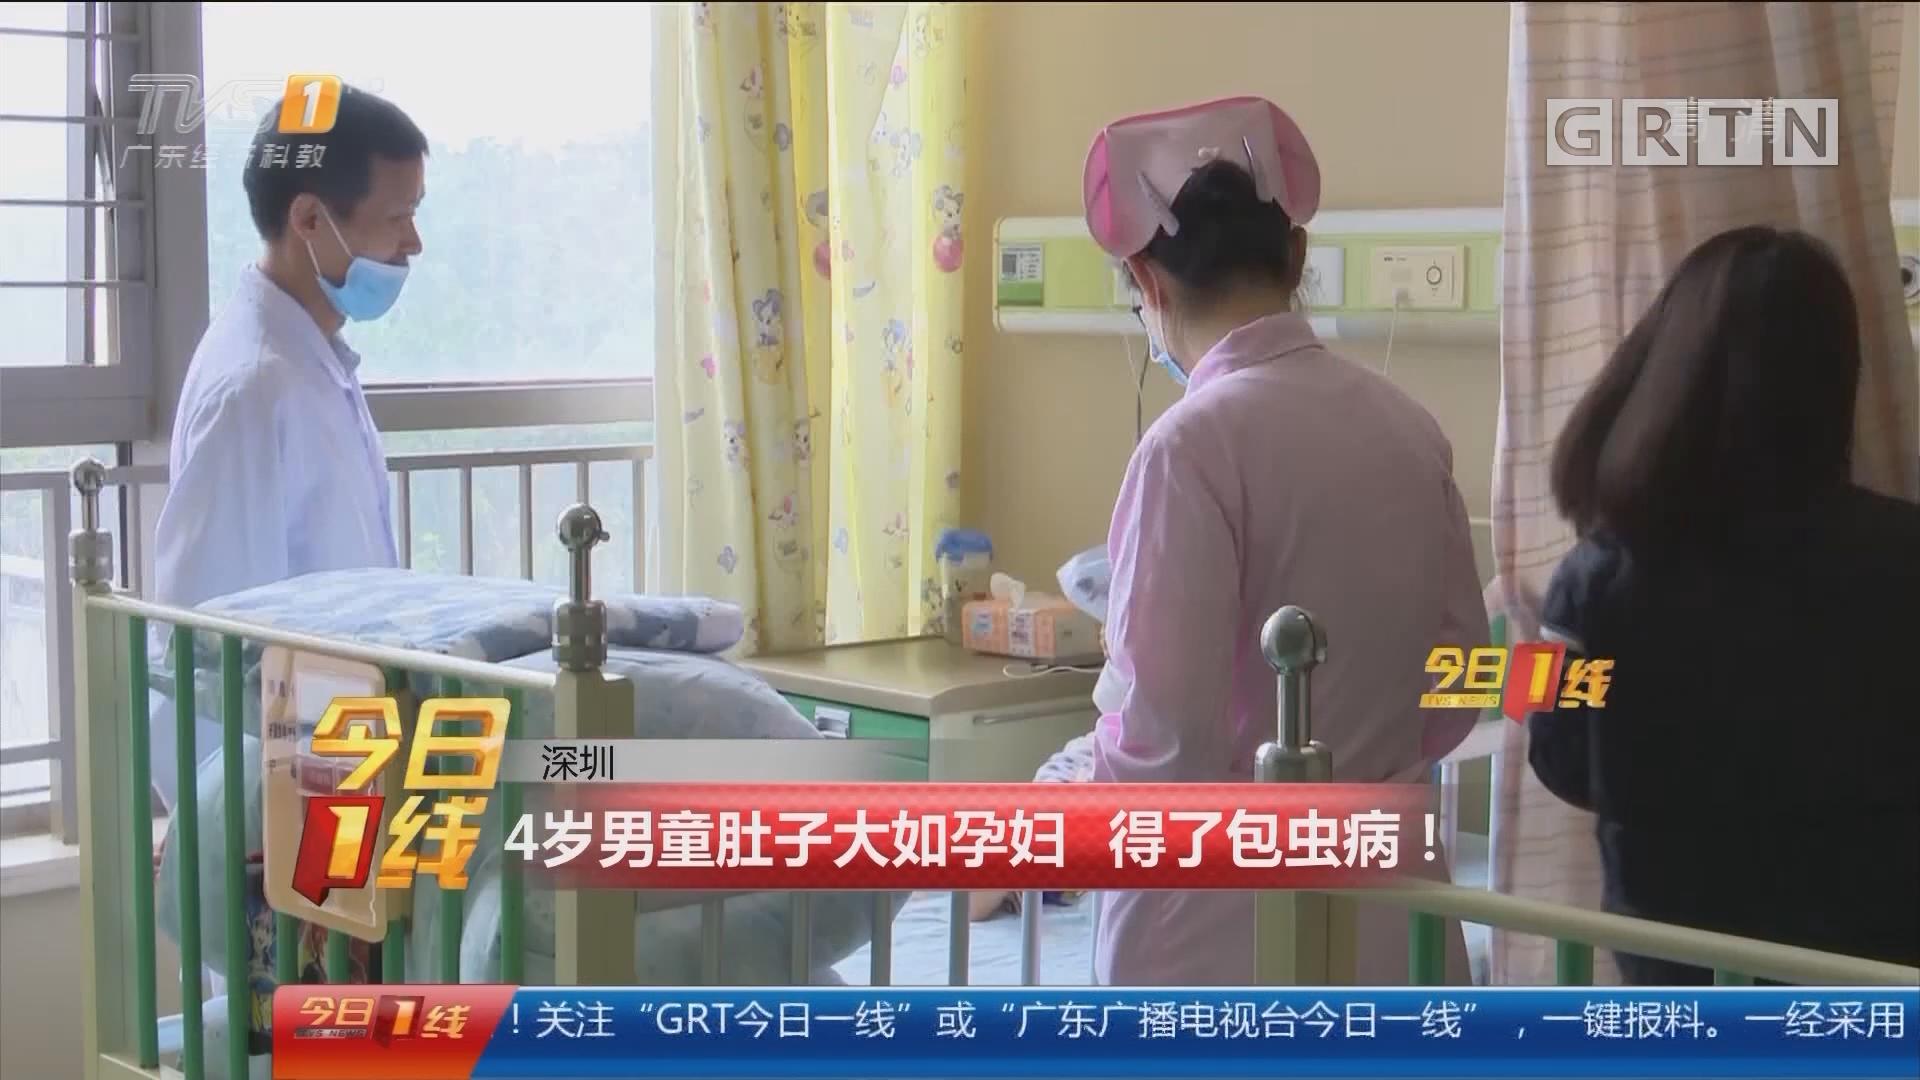 深圳:4岁男童肚子大如孕妇 得了包虫病!